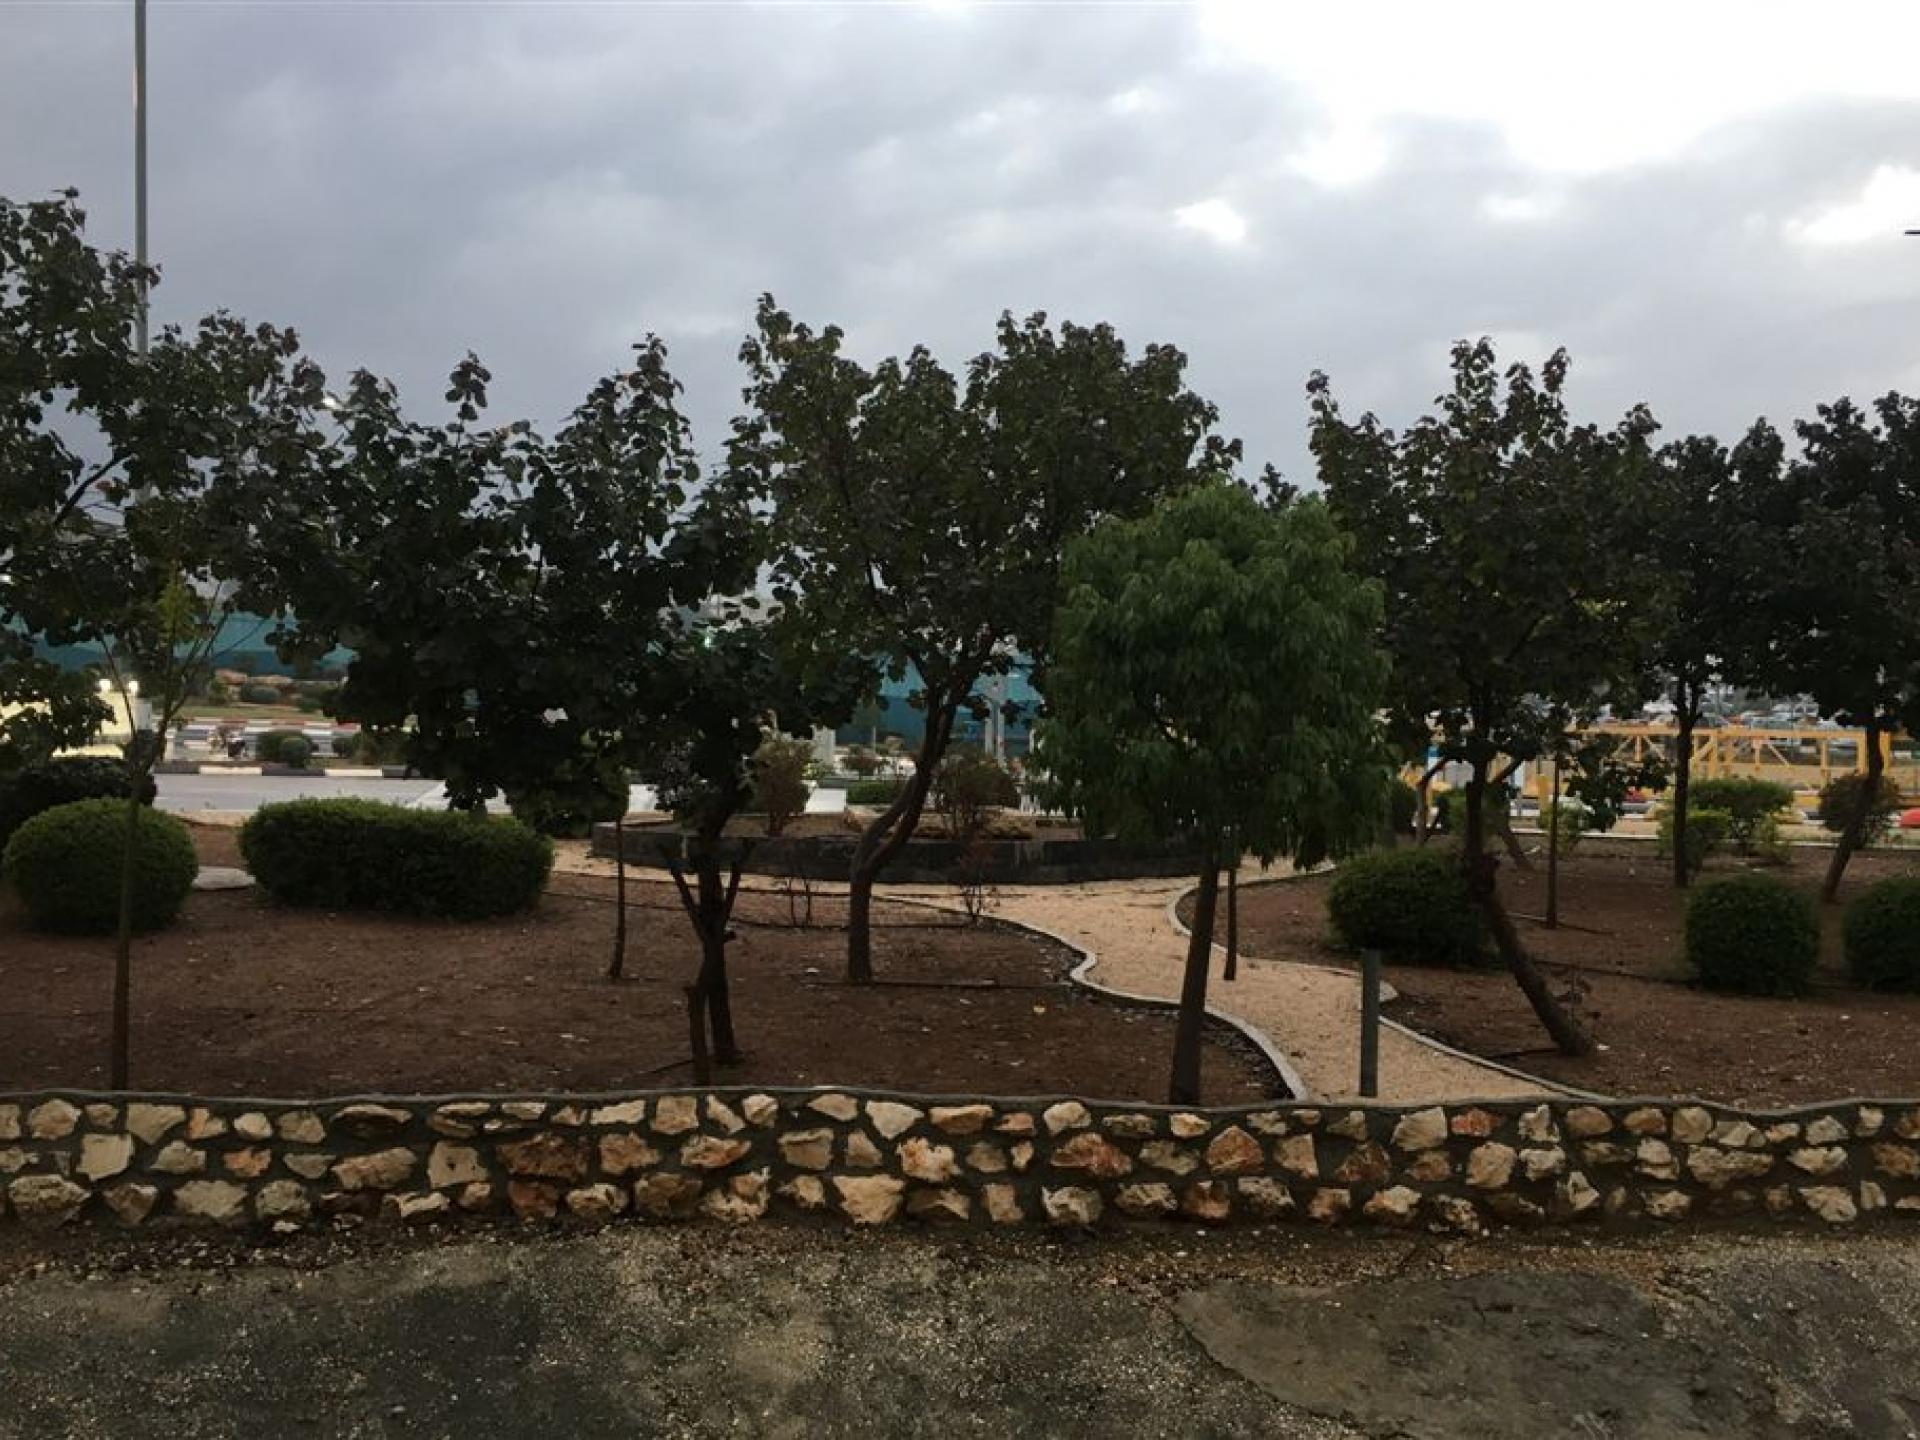 פארק מחסום ג'למה, מושקע ומטופח